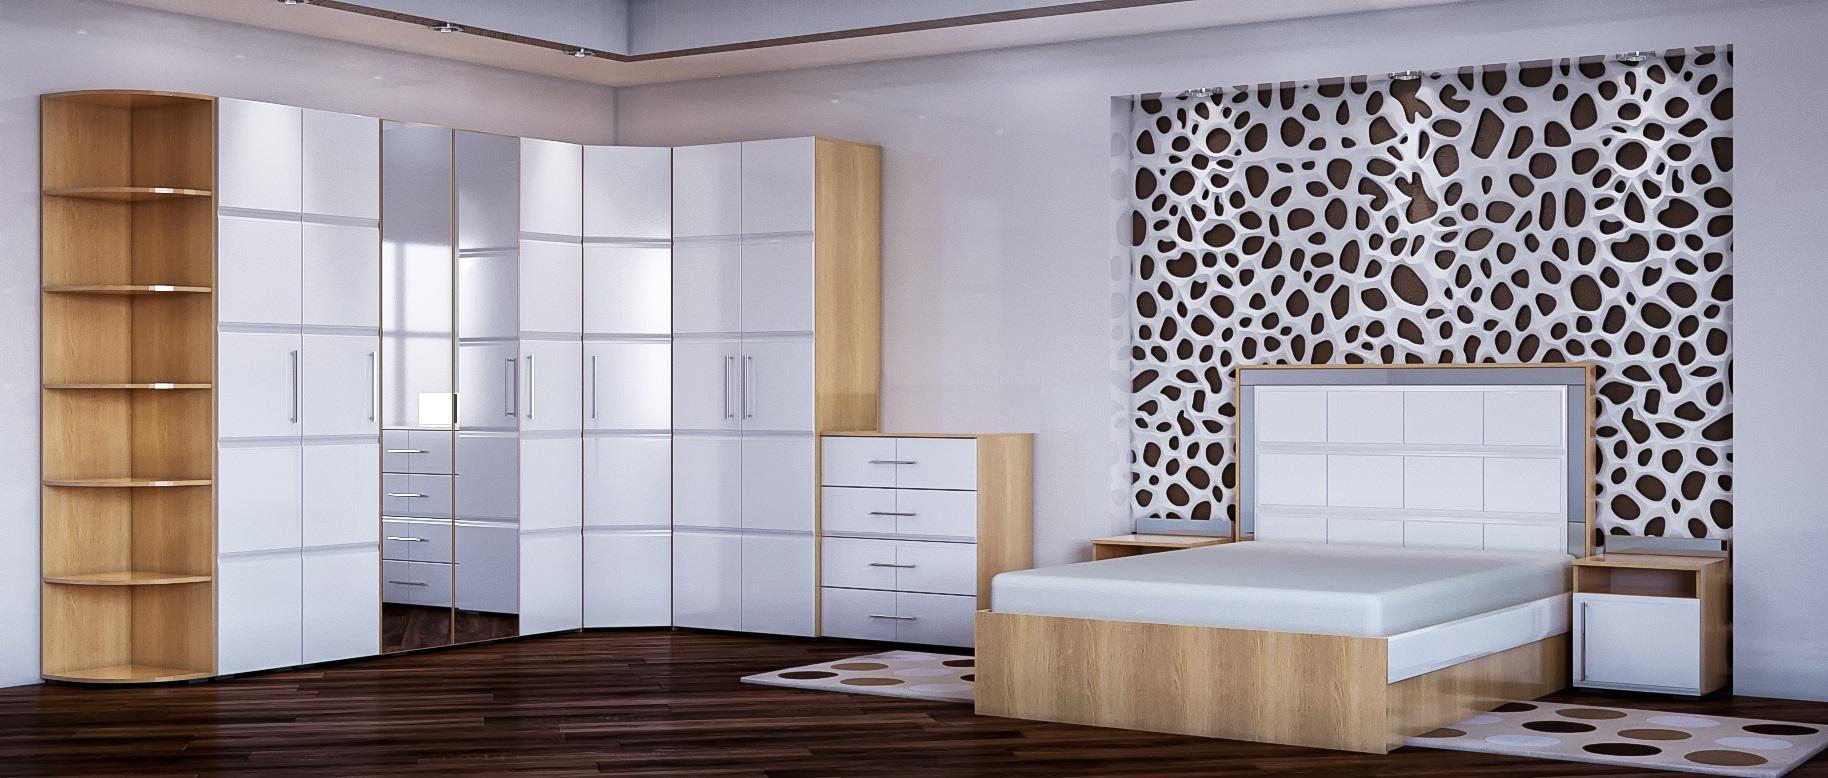 Спальня София Модель 512София- уютная, светлая спальня в белом глянце. Современный стиль и превосходное качество.